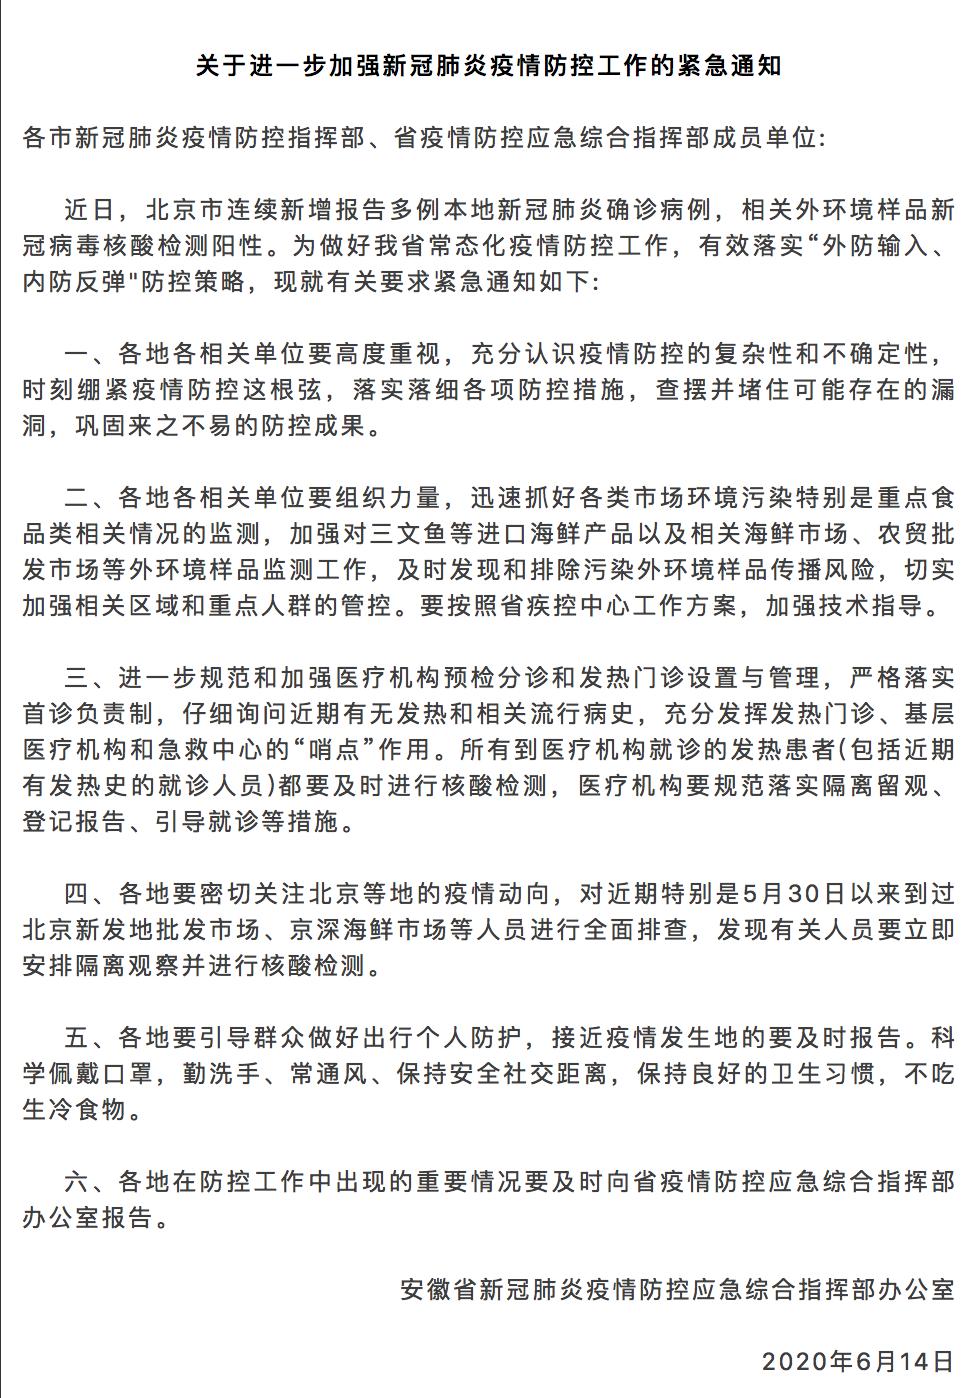 安徽紧急通知排查近期到过北京新发地市场人员图片